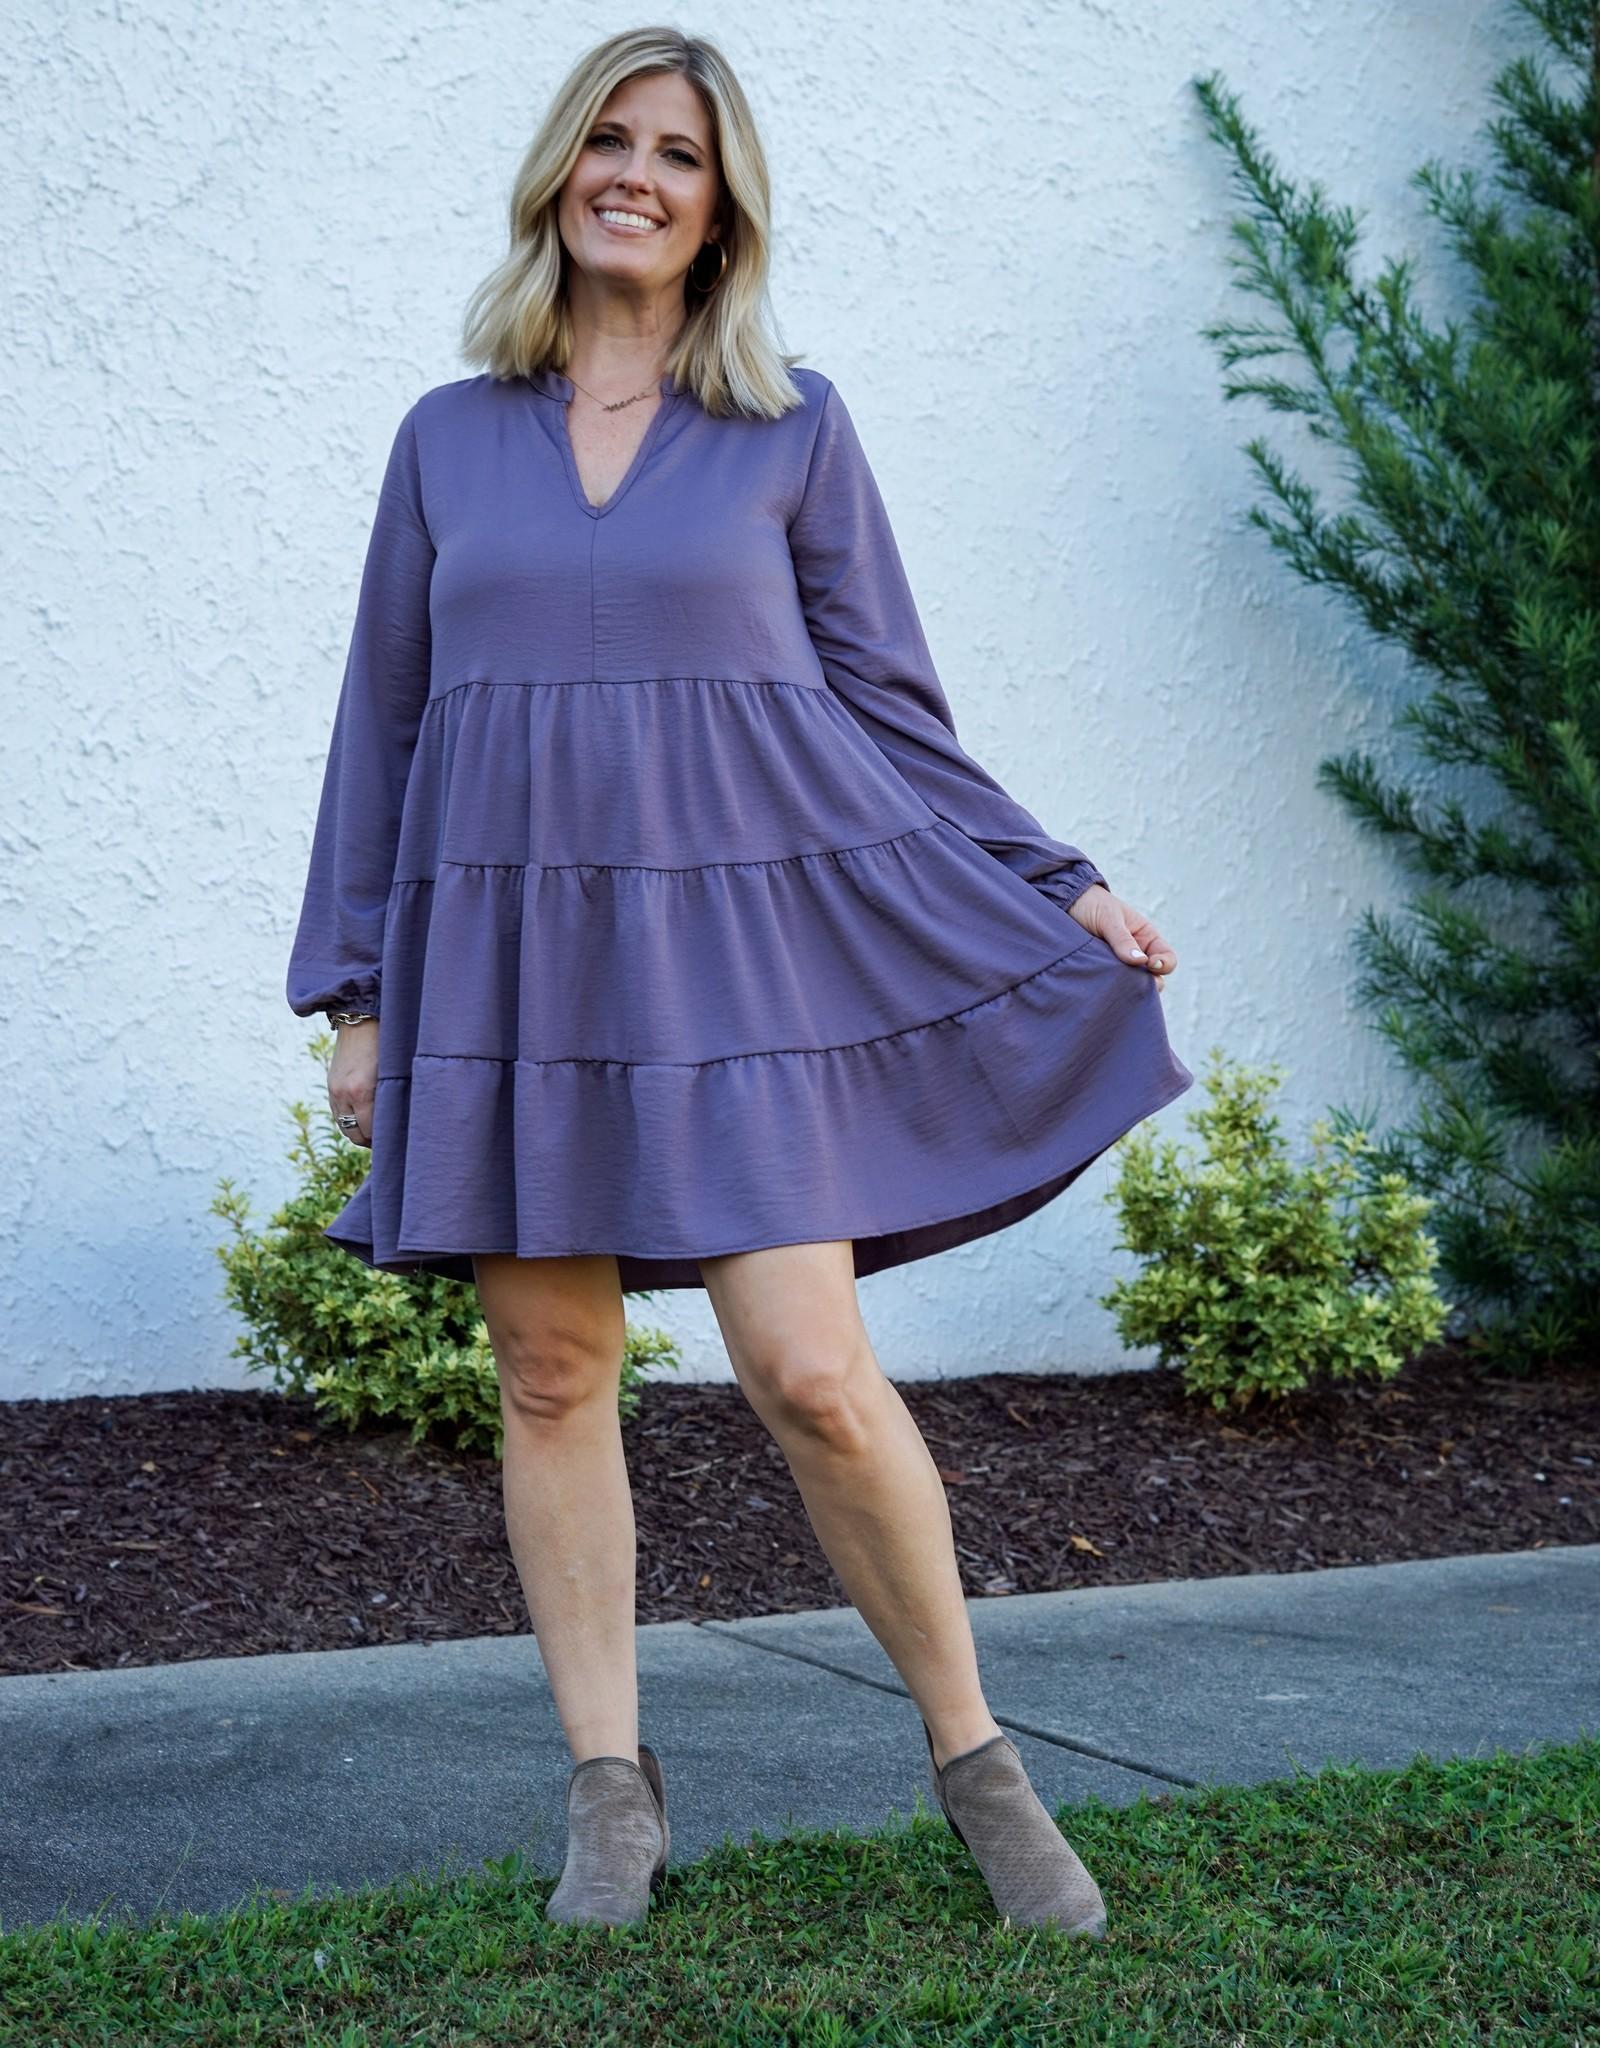 The Kaitlyn Dress